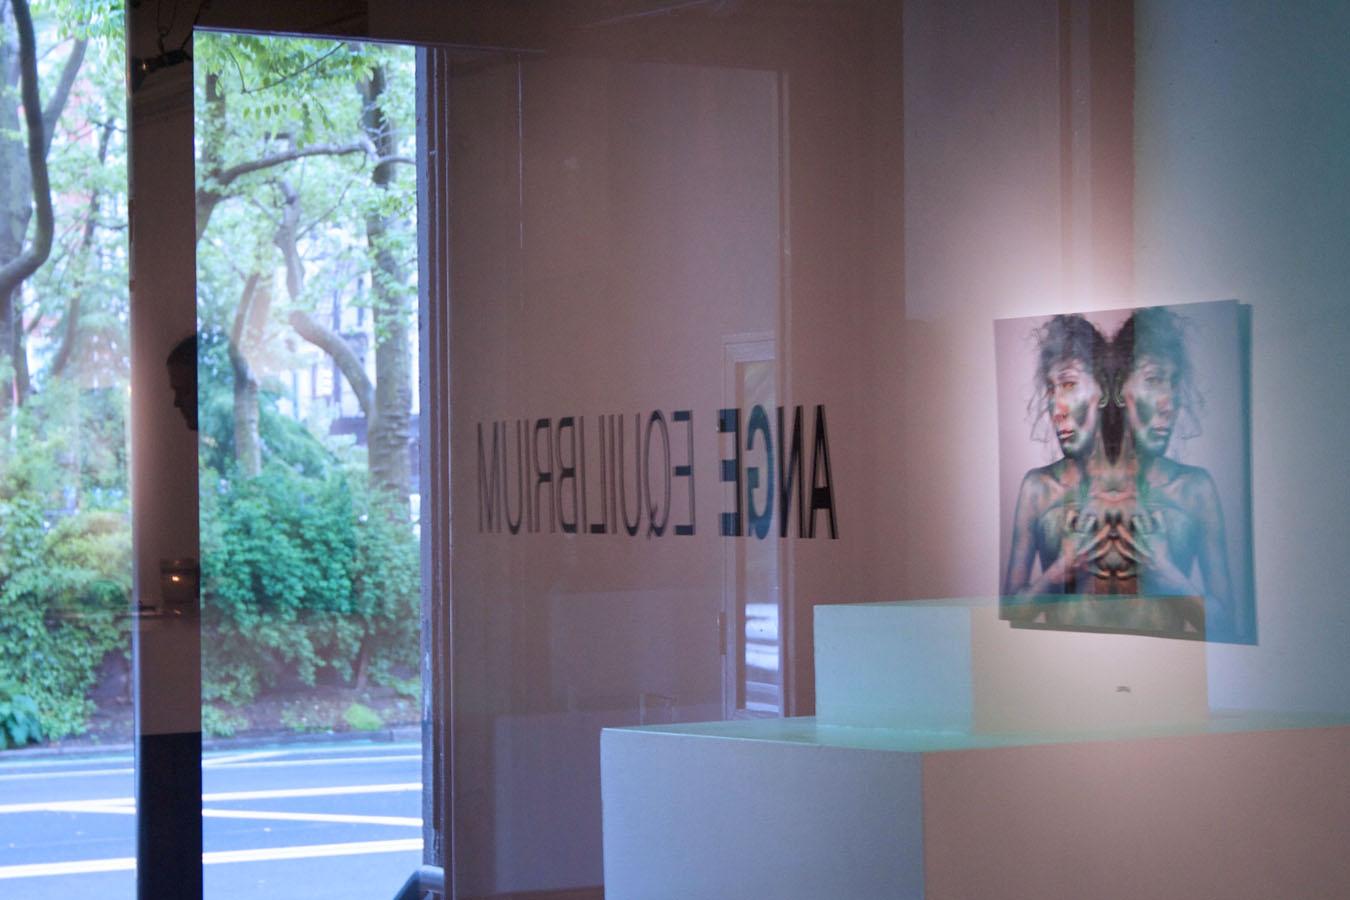 Gallery_view_07.jpg